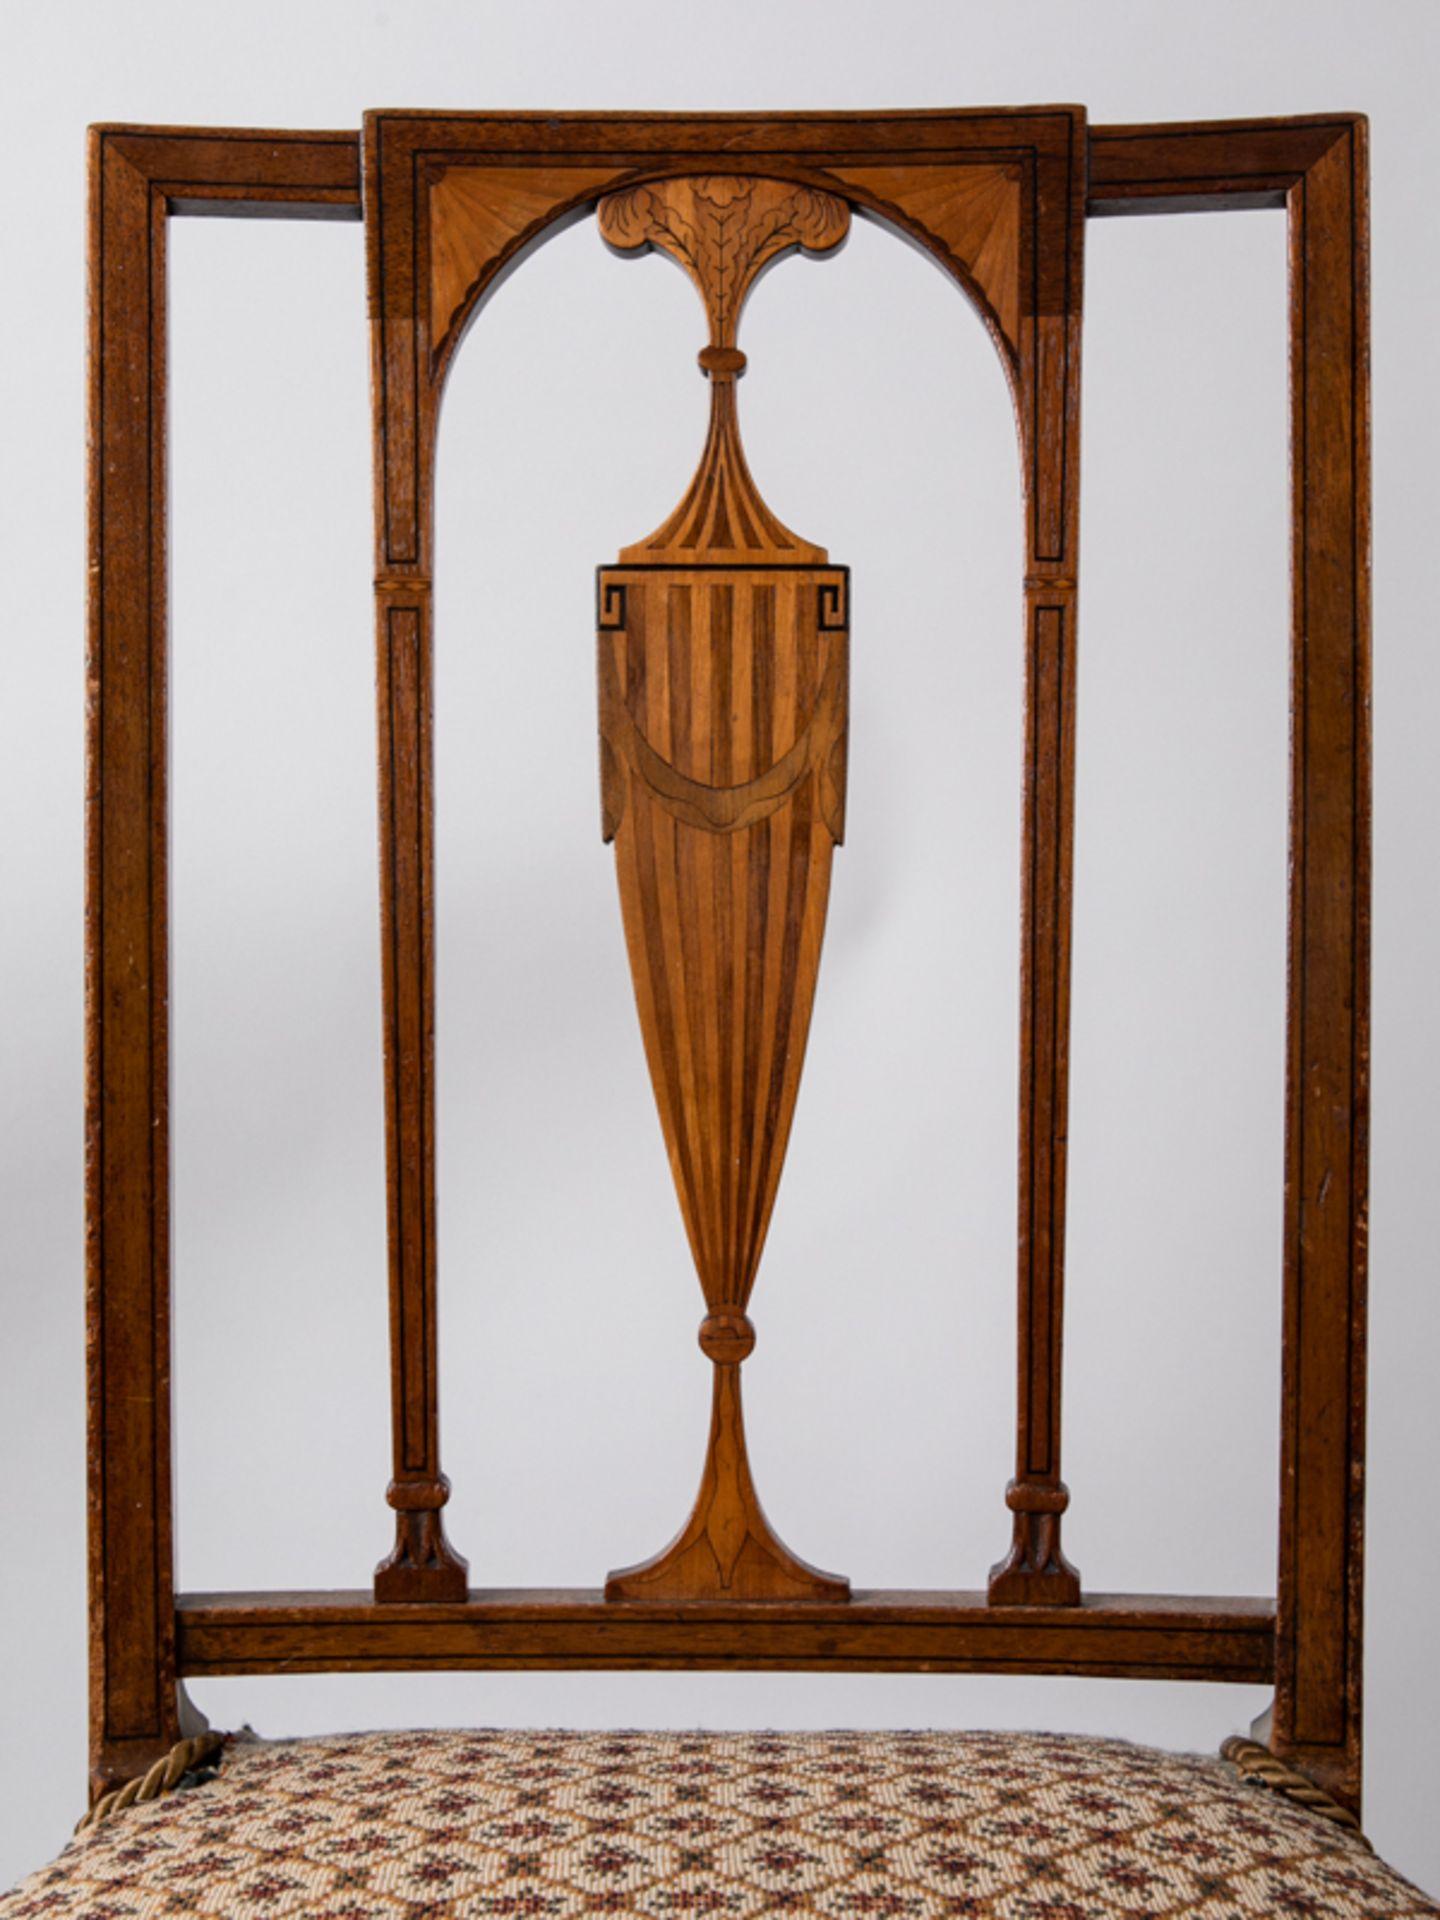 Paar Sheraton-Stühle, England, 18./19. Jh. Buche und verschiedene Einlegehölzer mit ebonisier - Bild 3 aus 4